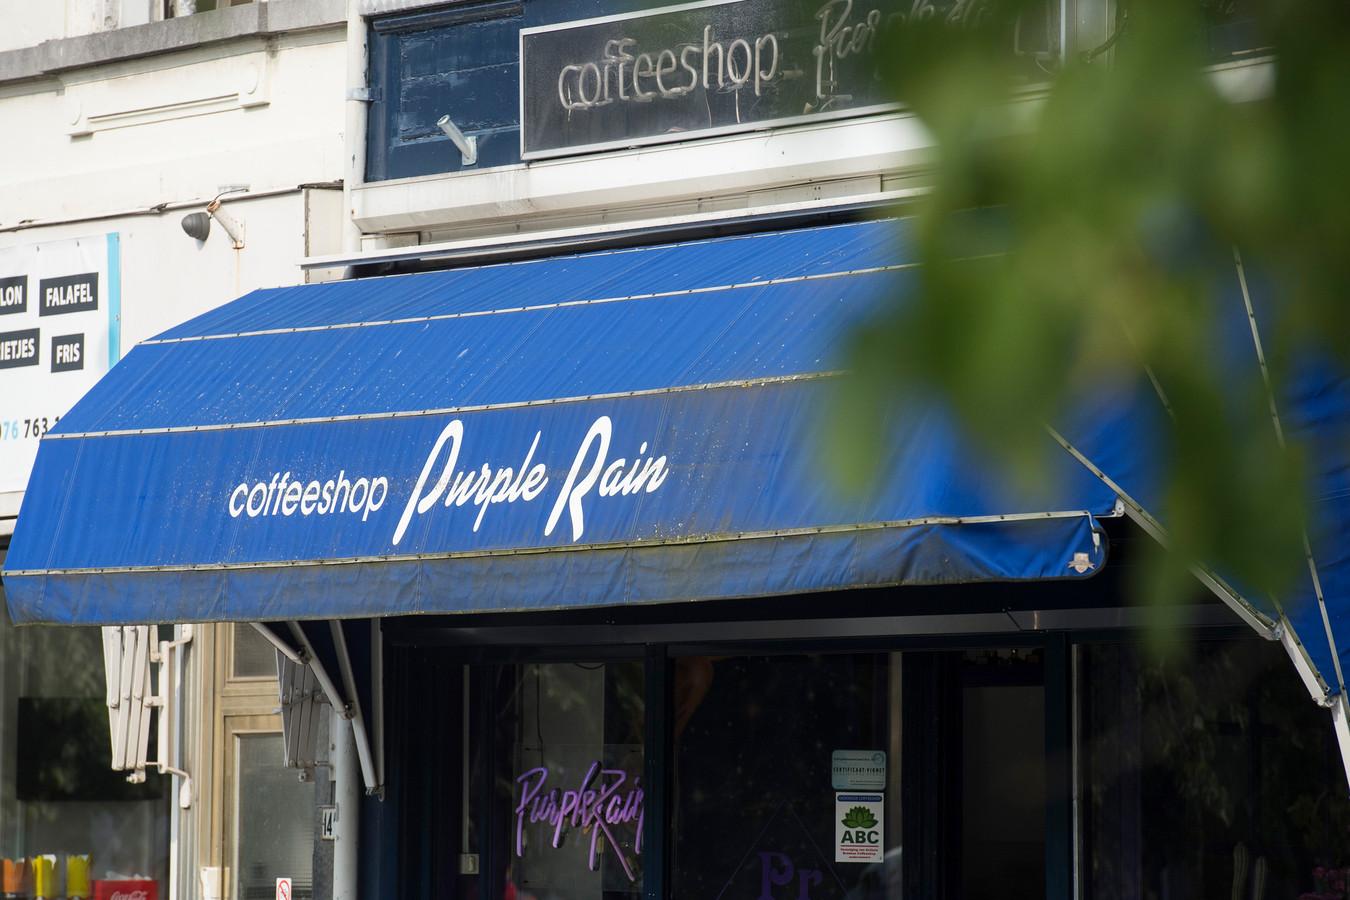 Coffeeshop Purple Rain in Breda, een van de tien steden waar in 2021 het experiment met gereguleerde teelt van cannabis van start gaat.